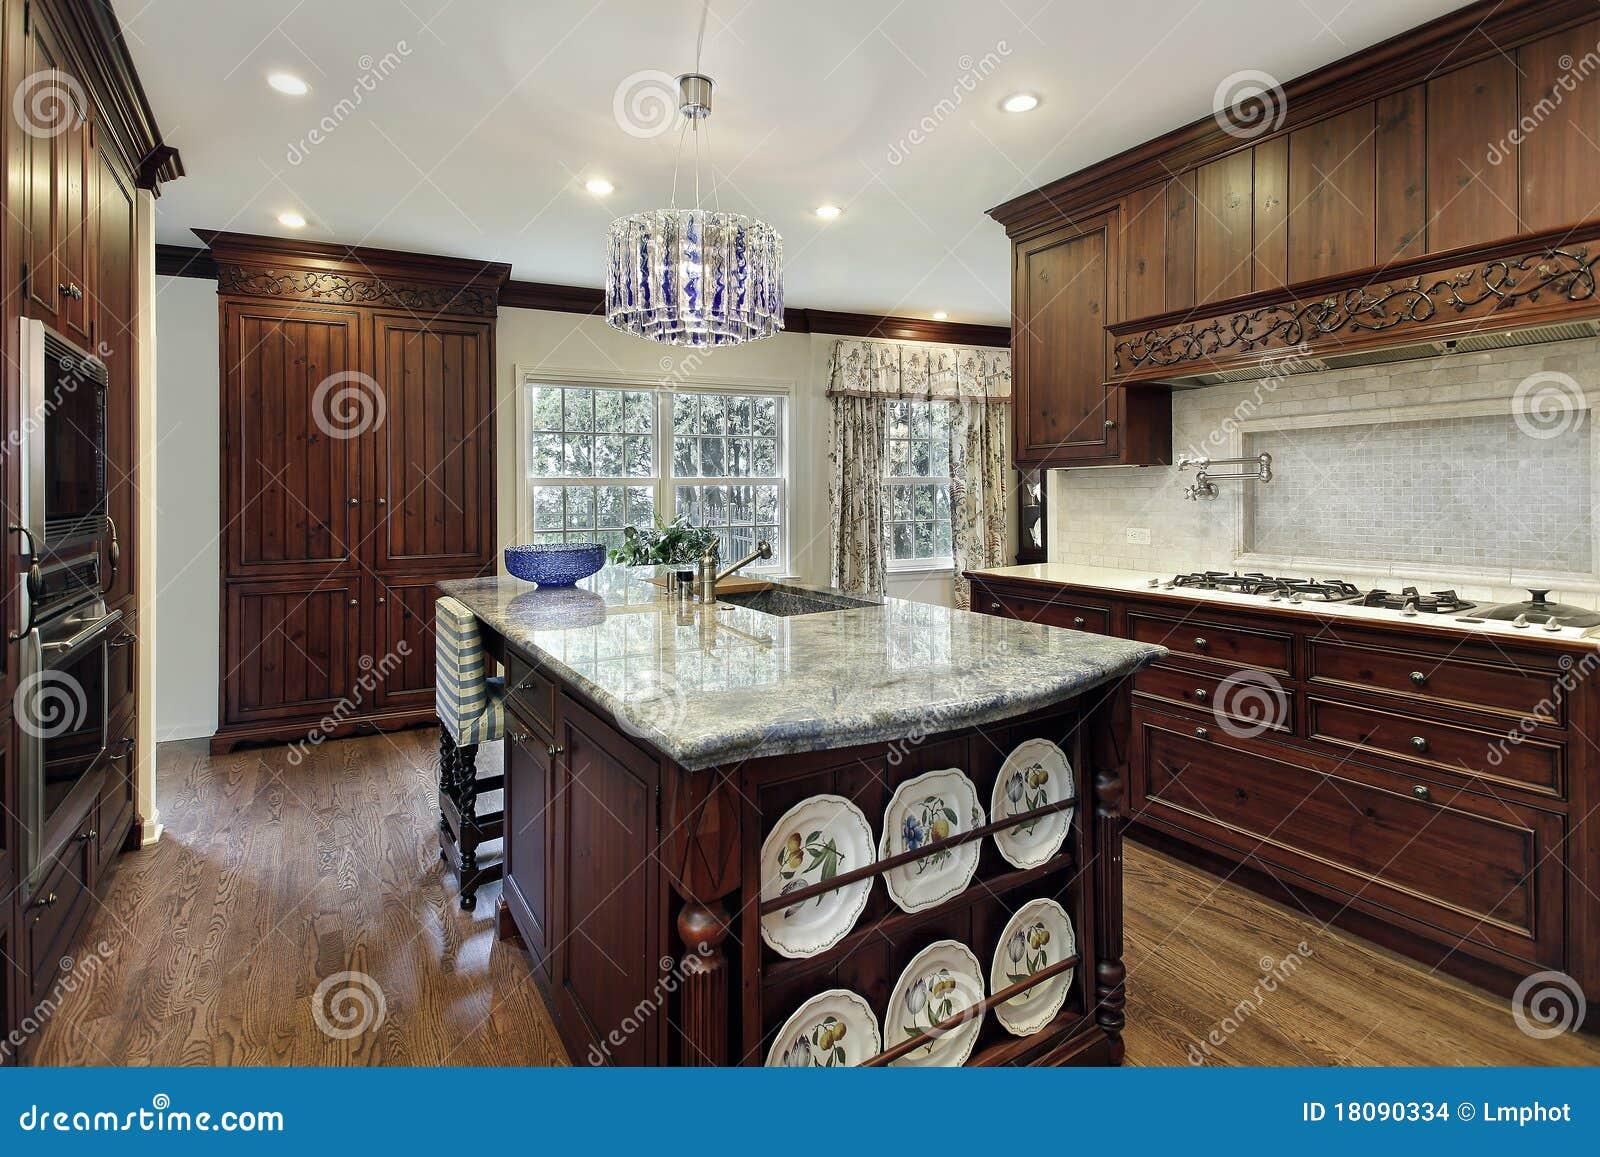 Traditionelle Küche Mit Granitinsel Stockfoto - Bild von zustand ...